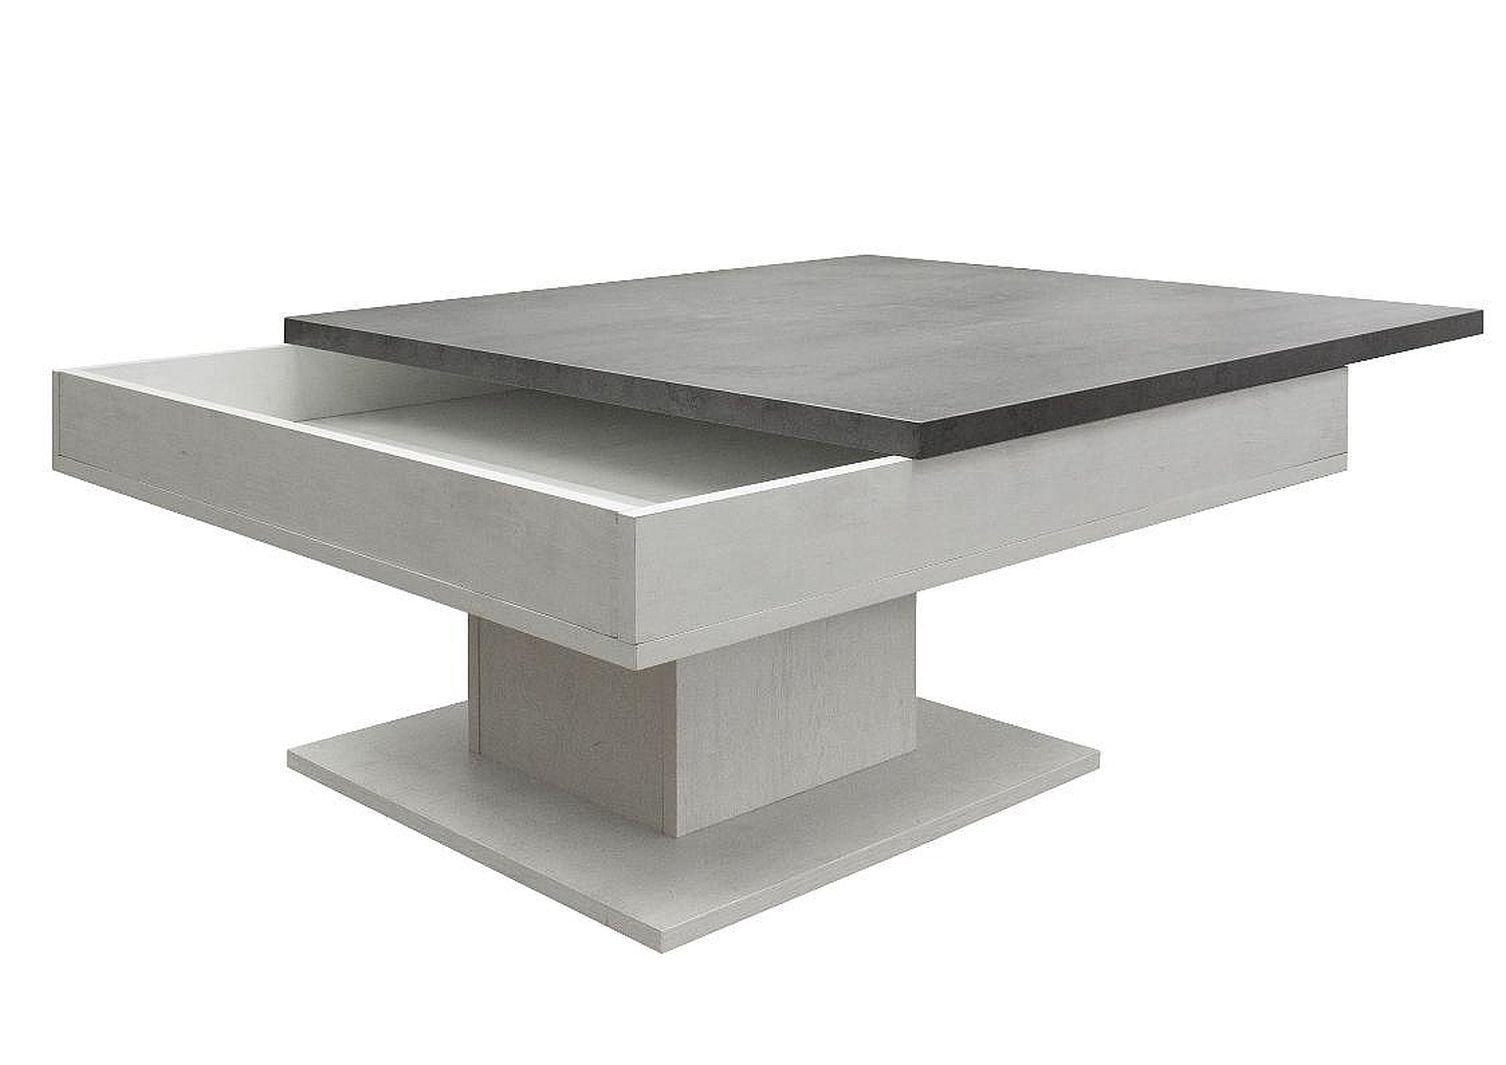 Couchtisch Wohnzimmertisch Designertisch Tisch